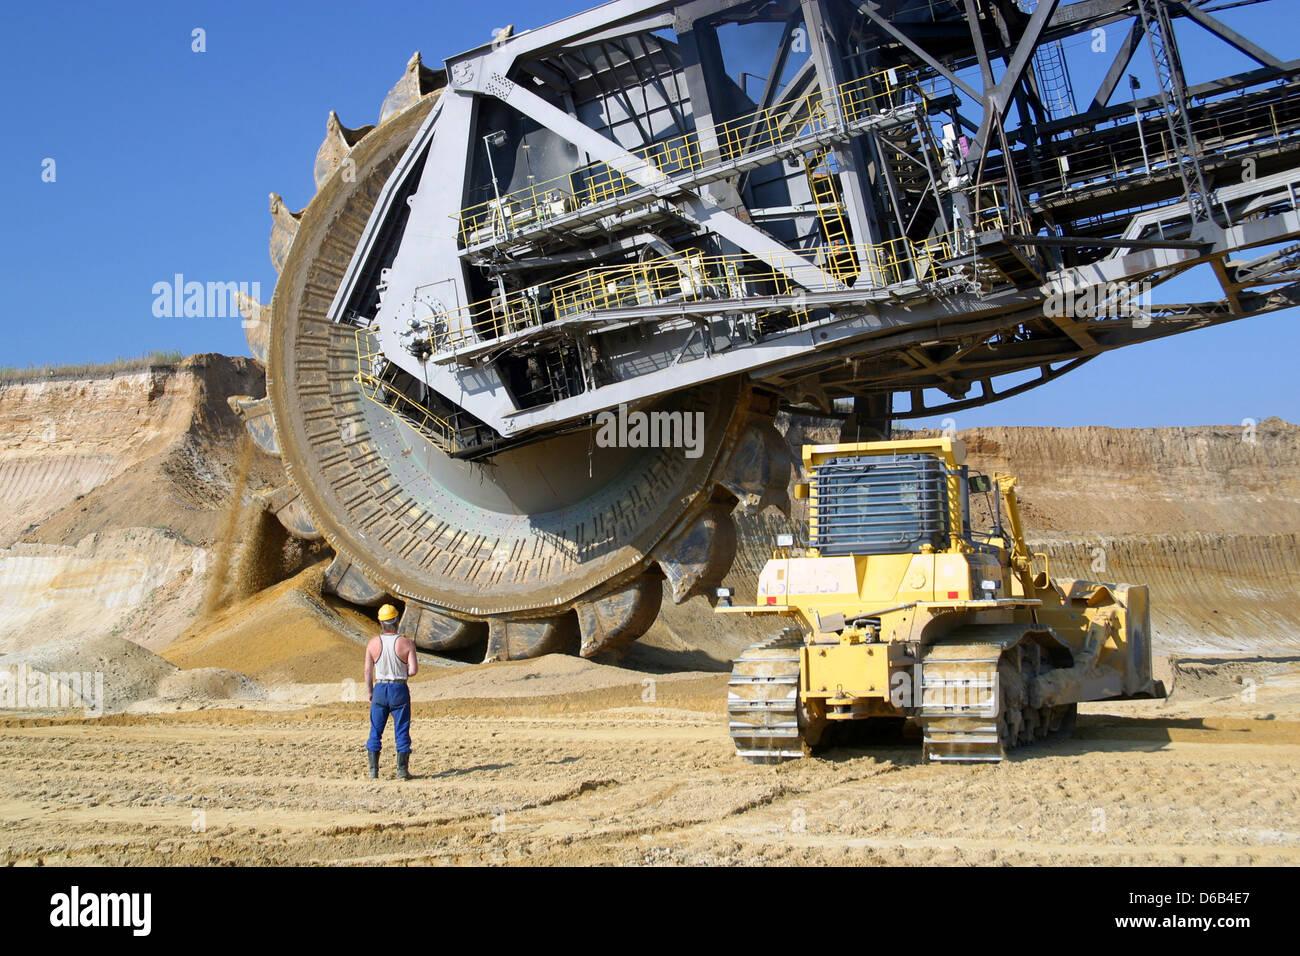 opencast,bucket excavator,mining,bucket wheel excavator - Stock Image